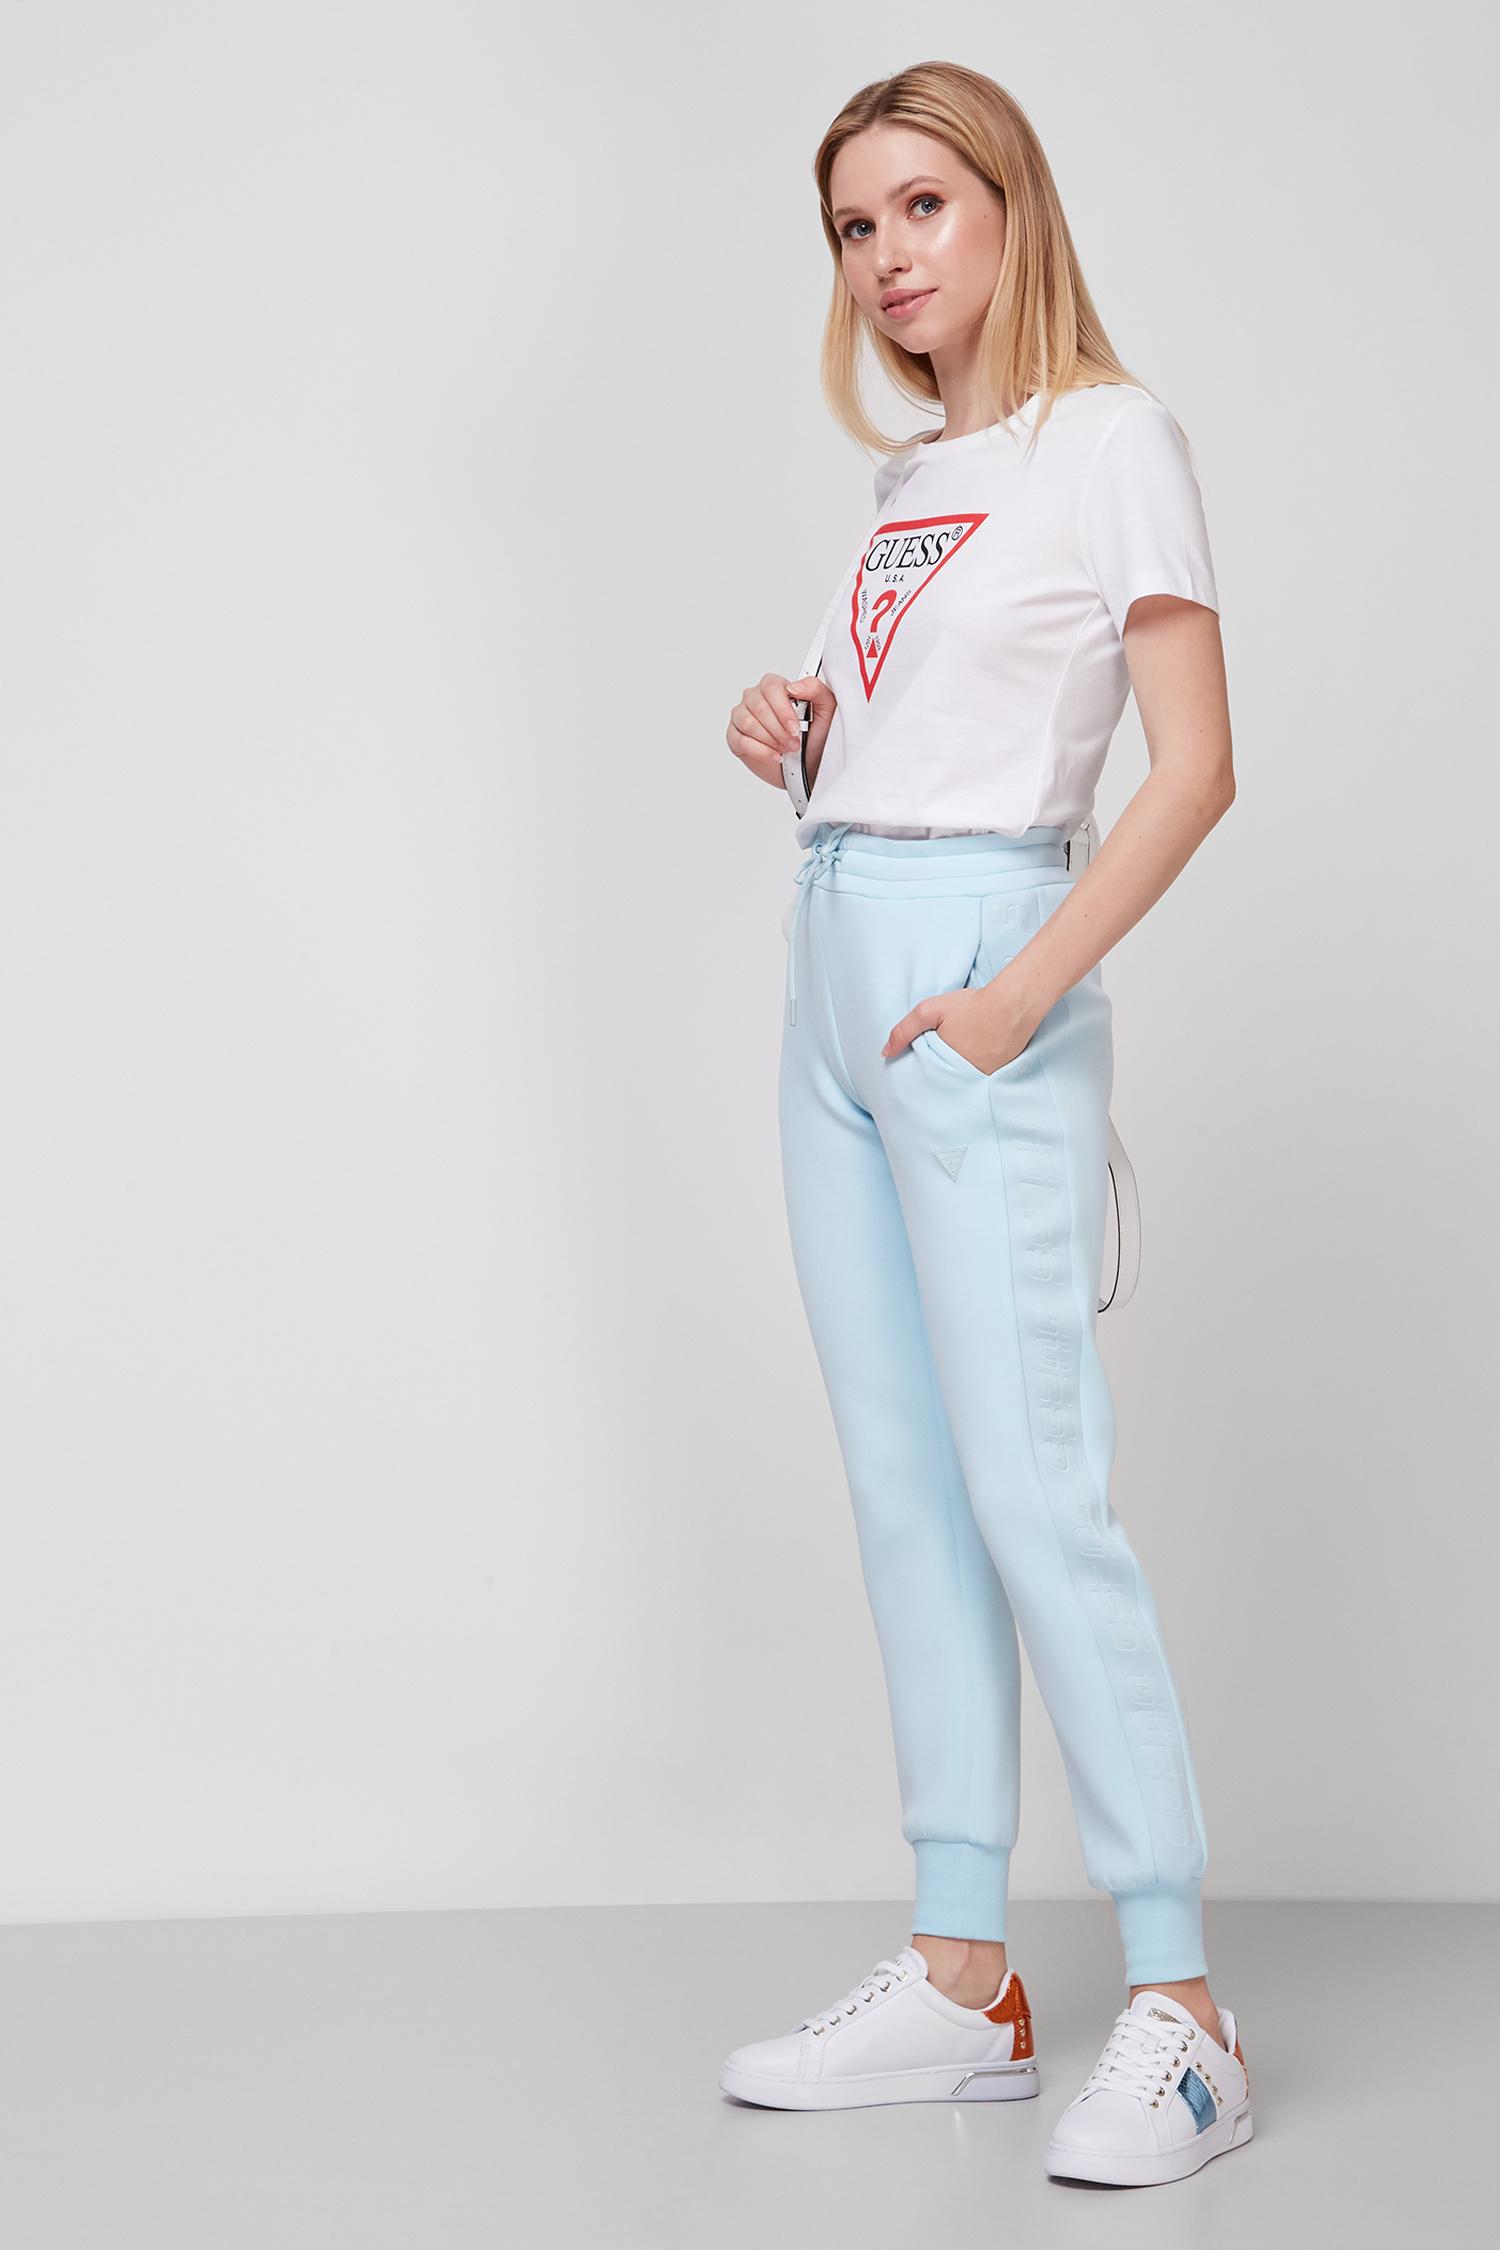 Жіноча біла футболка Guess W1YI1B.I3Z11;G011